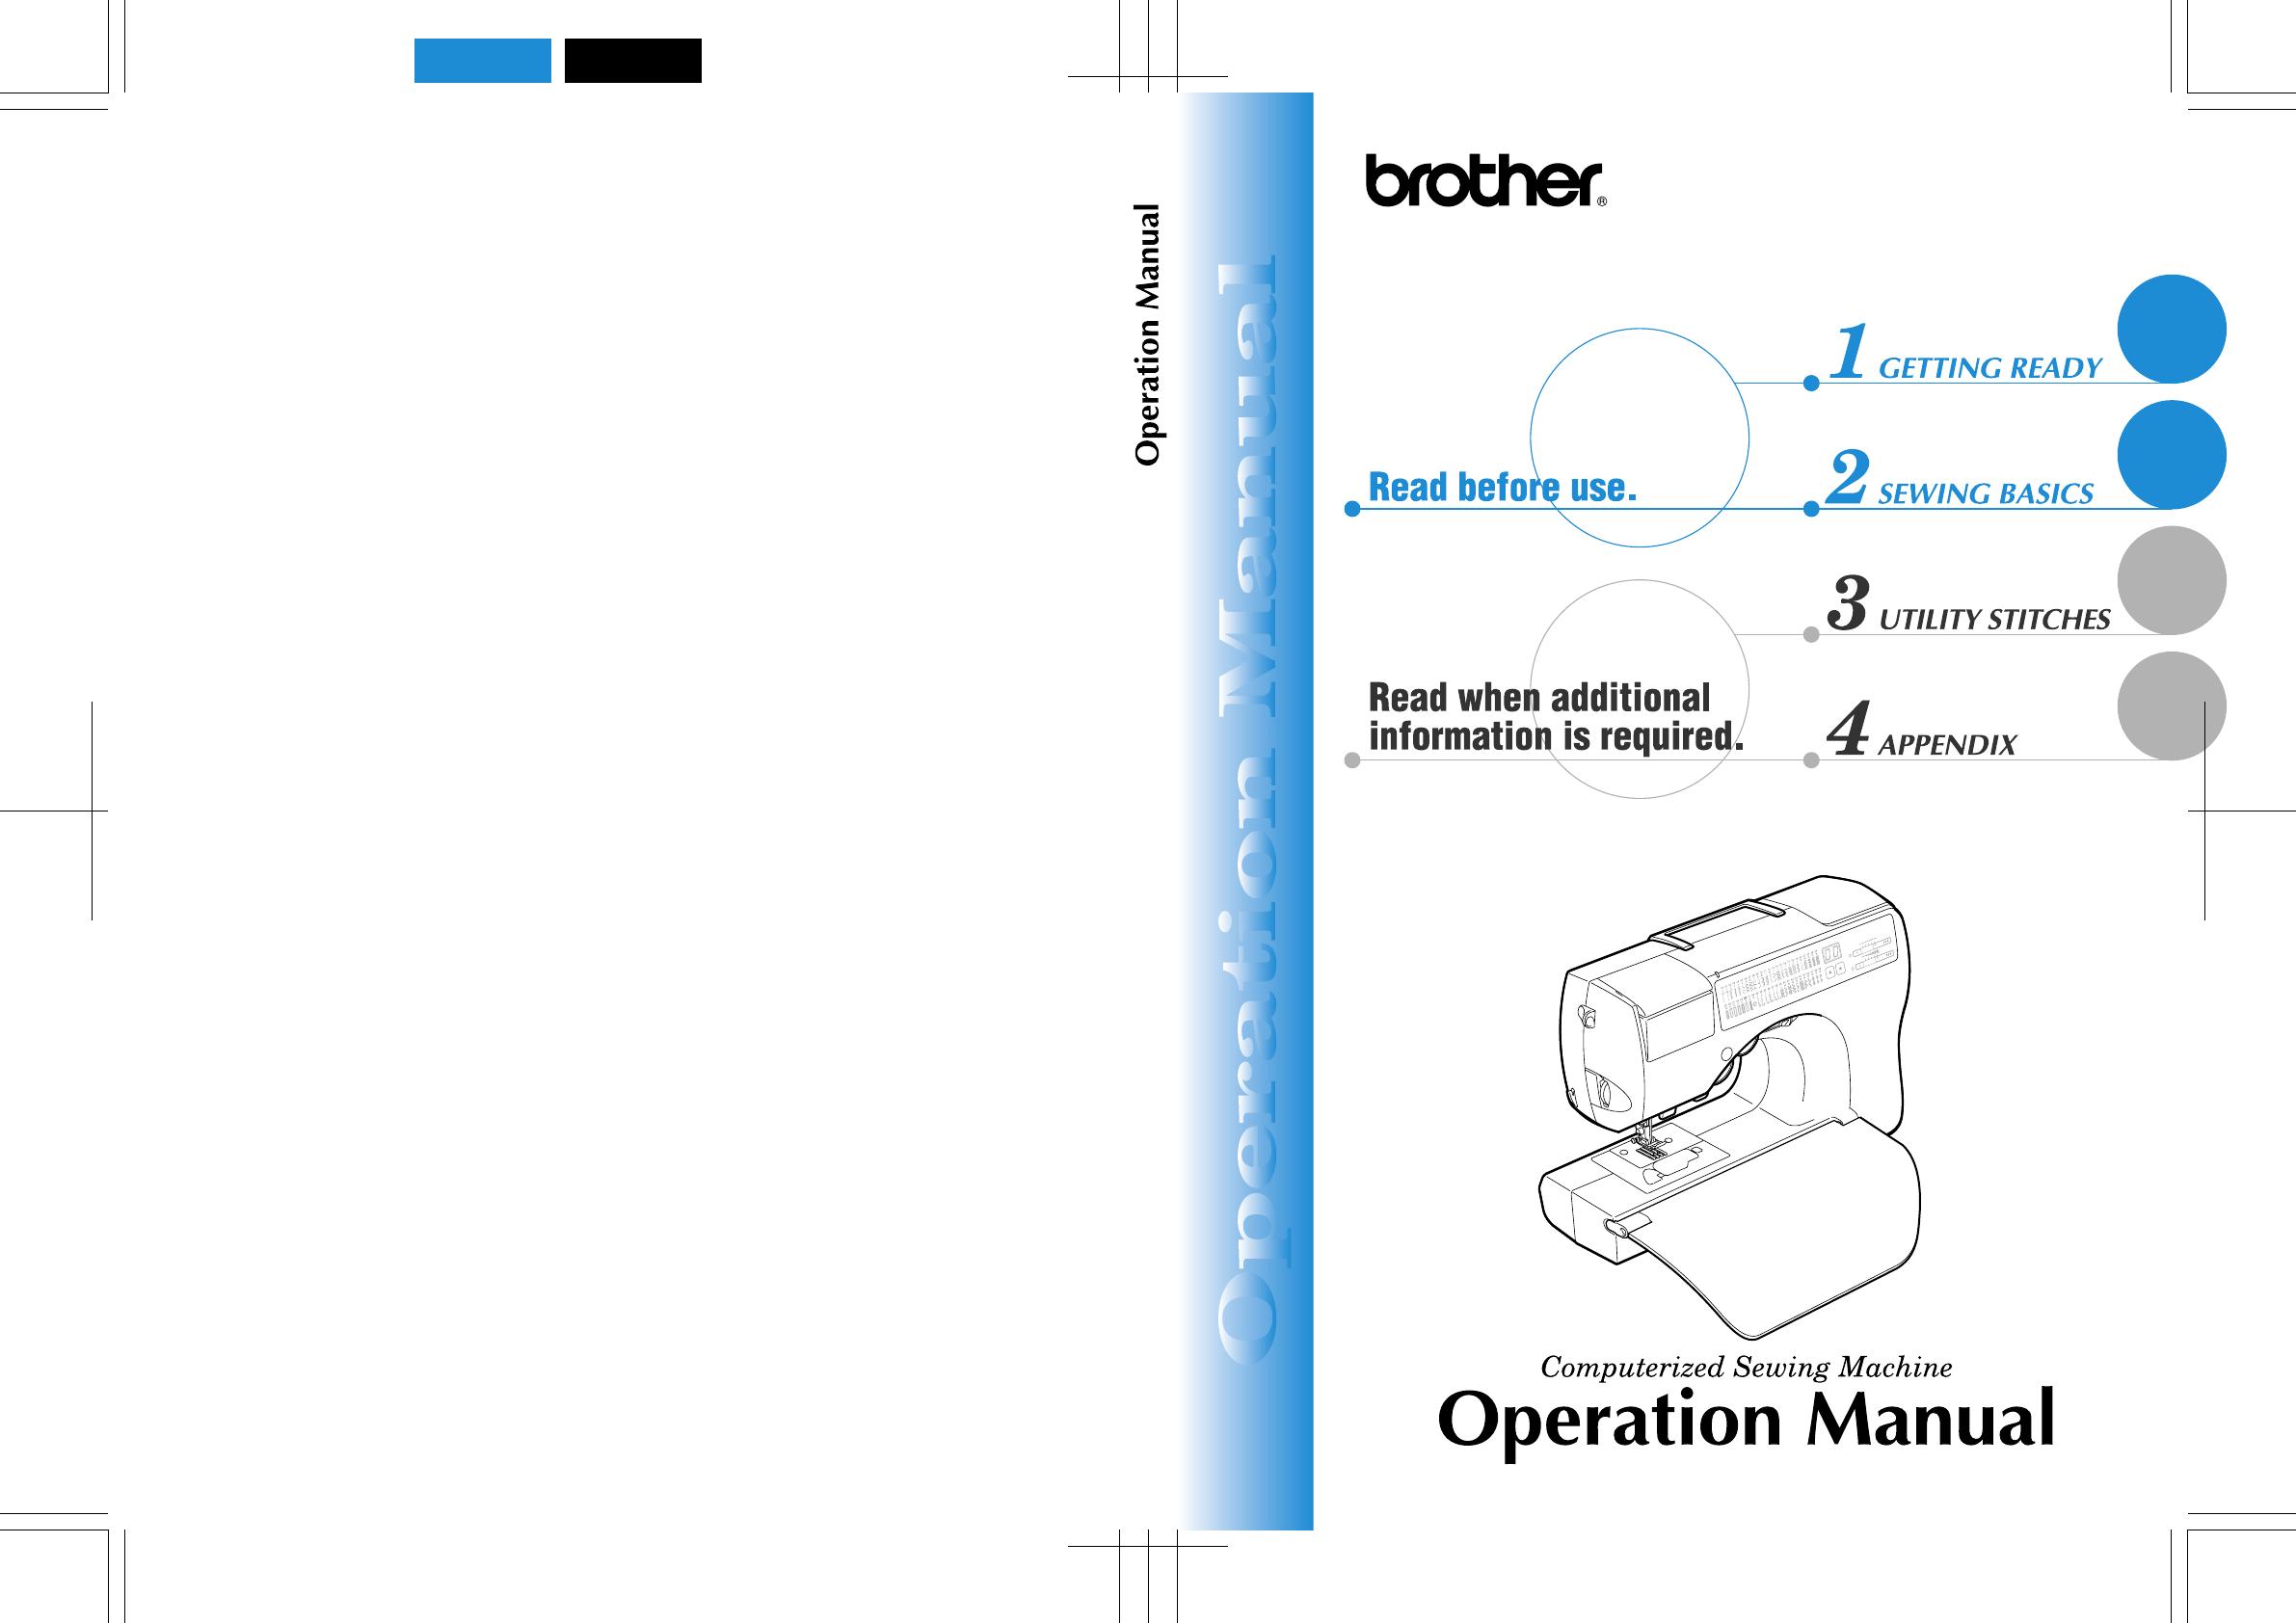 handleiding brother cs 80 pagina 1 van 115 english rh gebruikershandleiding com Yamaha CS 8 0 Manual Synthesizer Yamaha CS 8.0